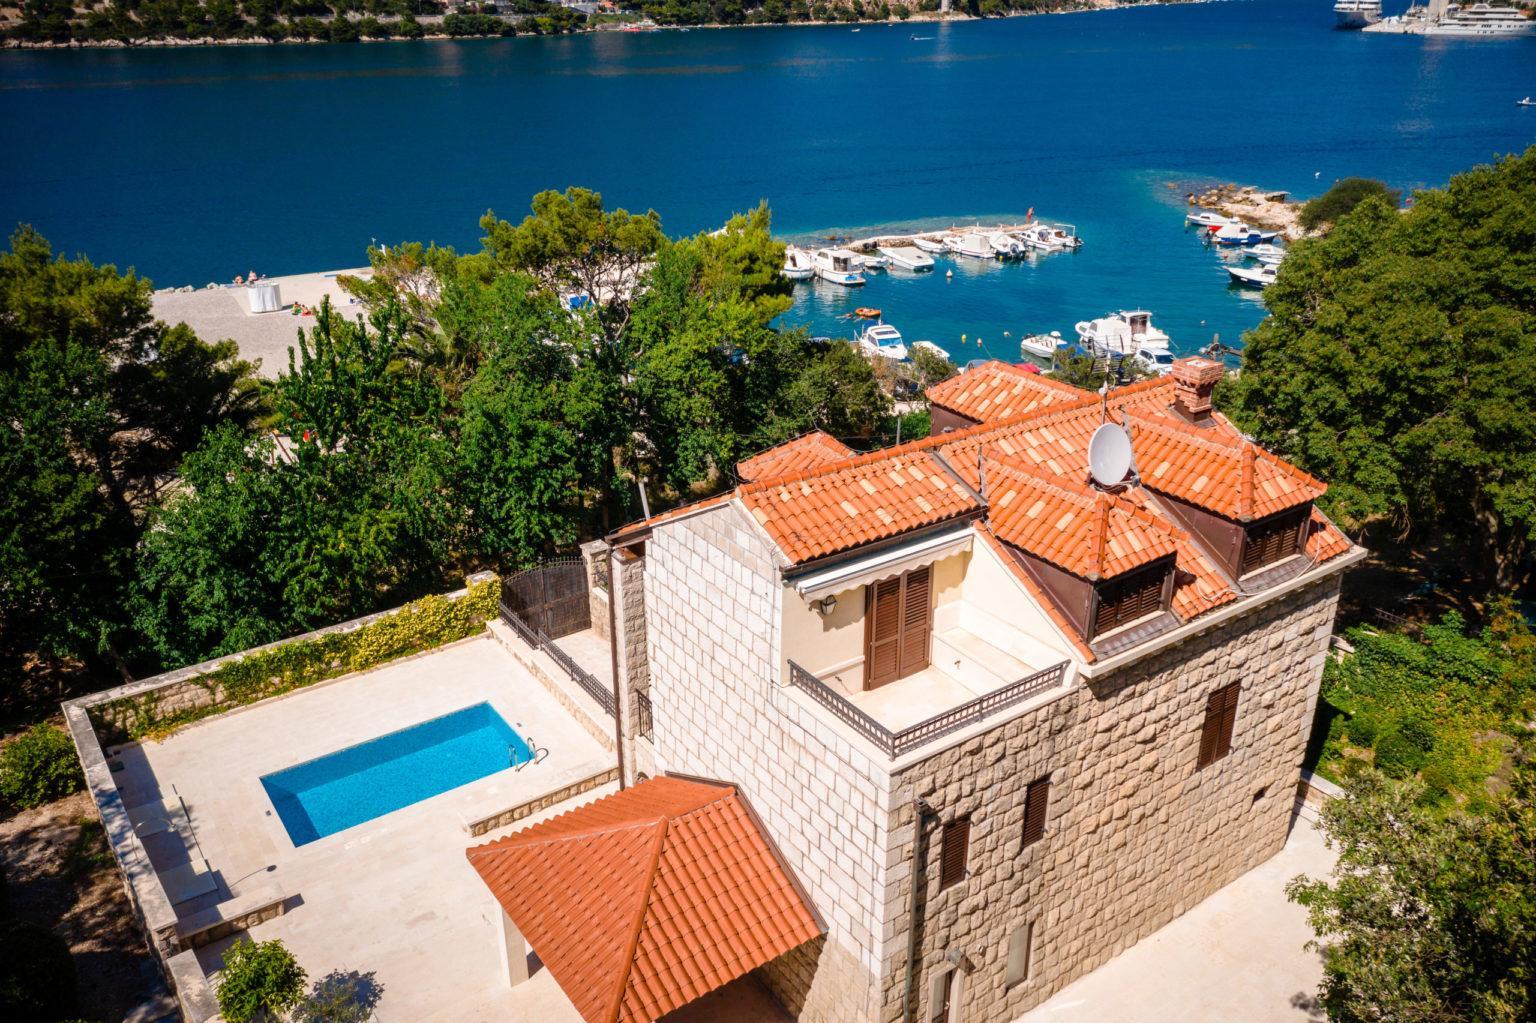 Hochzeit in der Villa Francia Heiraten Hochzeitslocation Location in Kroatien Luxus am Wasser Whirlpool Pool